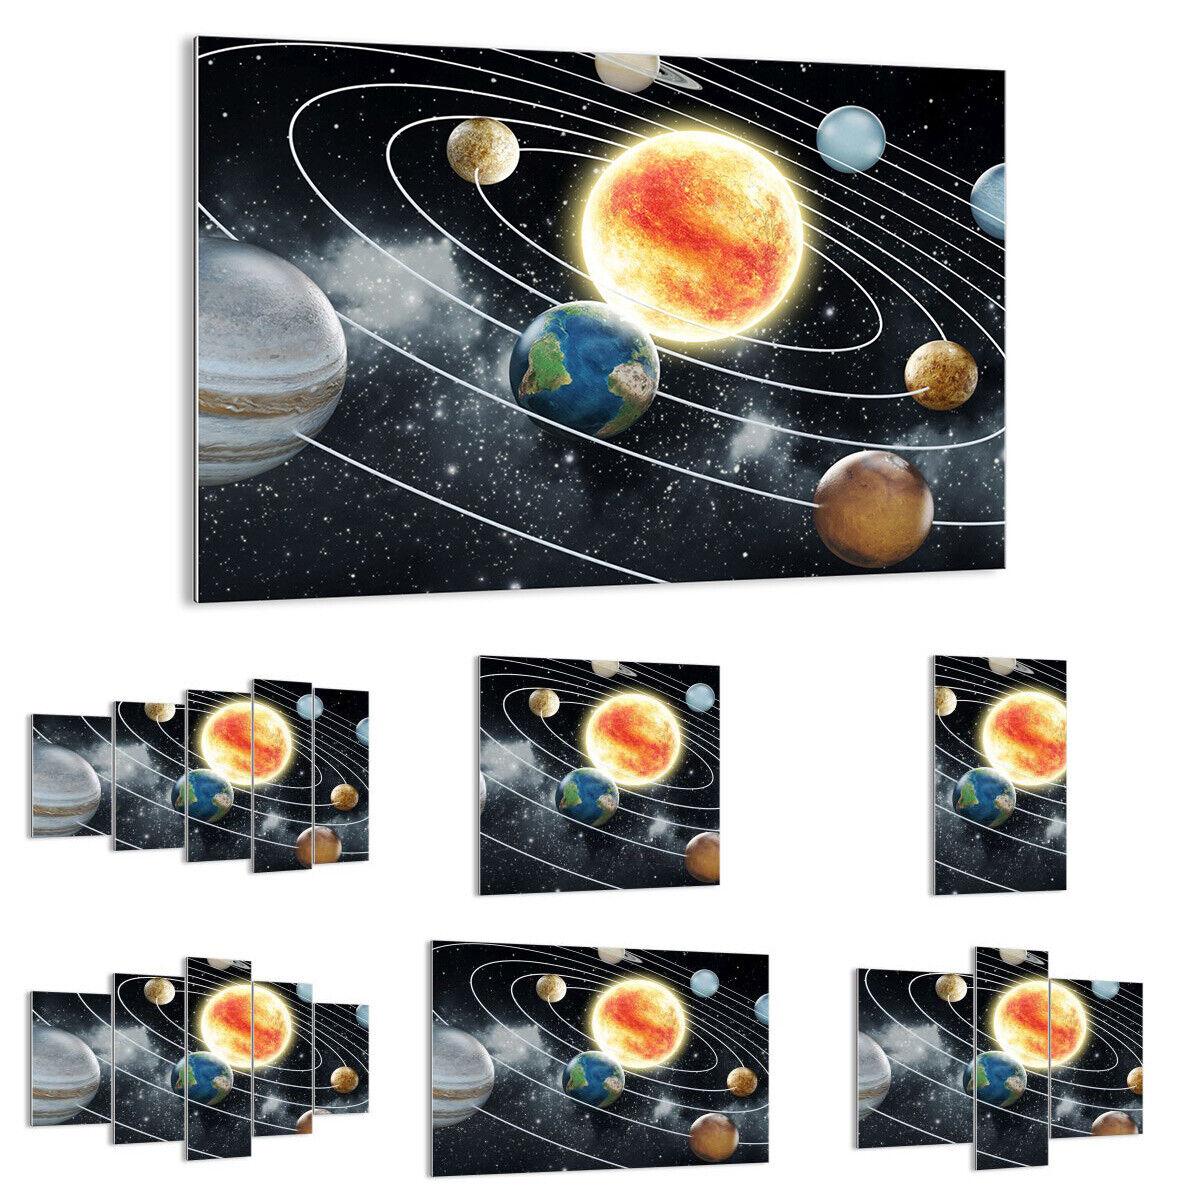 GLASBILD Wandbild Deko Kosmos Planet 3646 DE